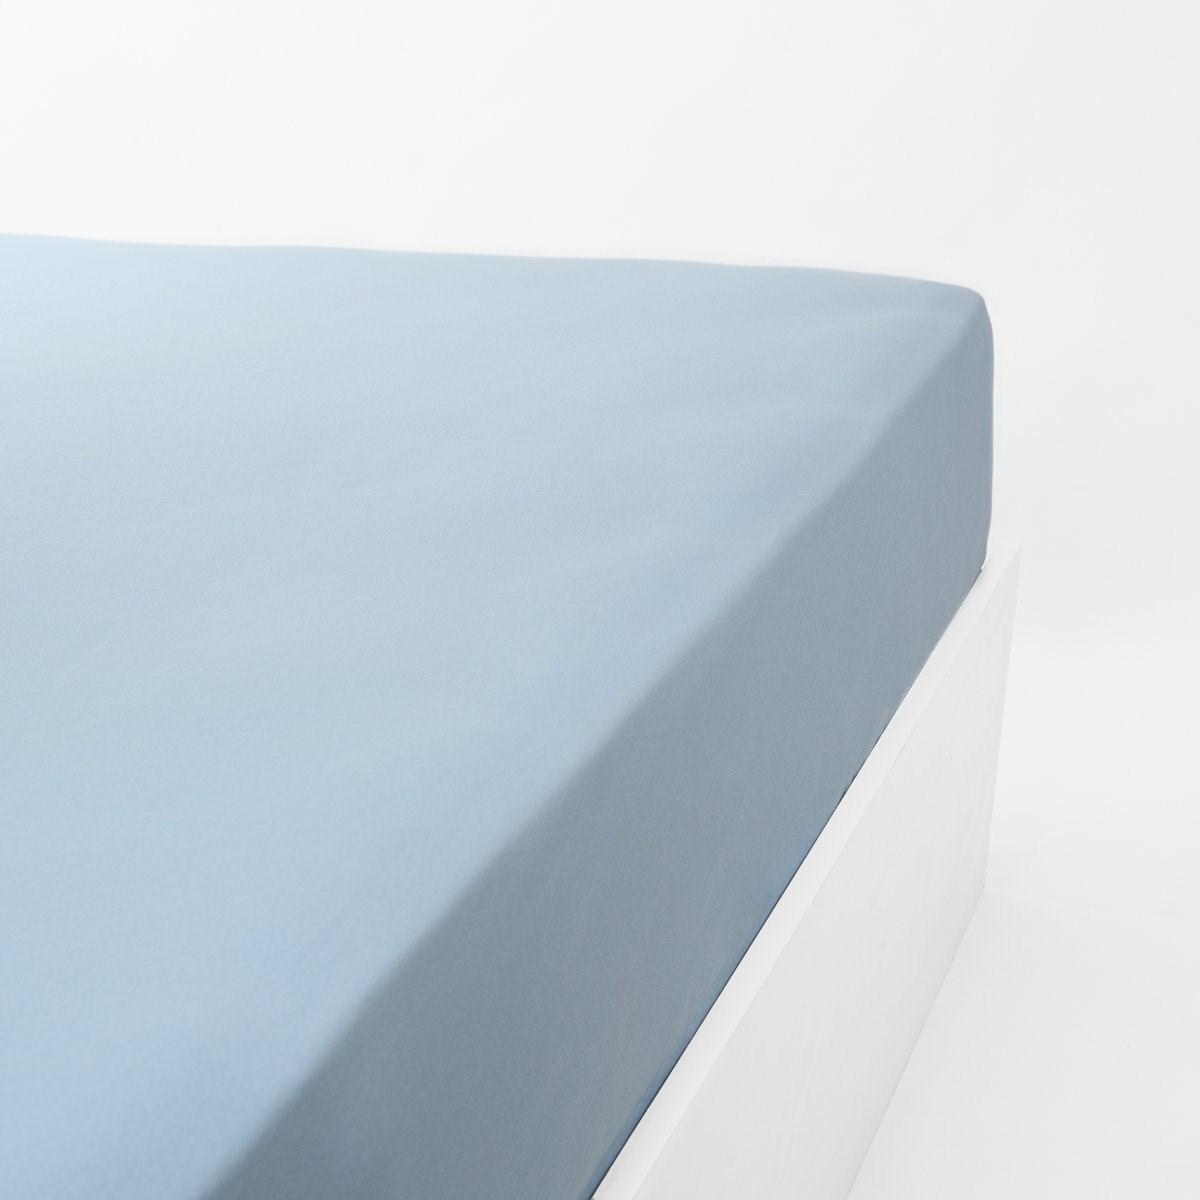 Drap housse jersey extensible en coton bleu clair 100x200 cm